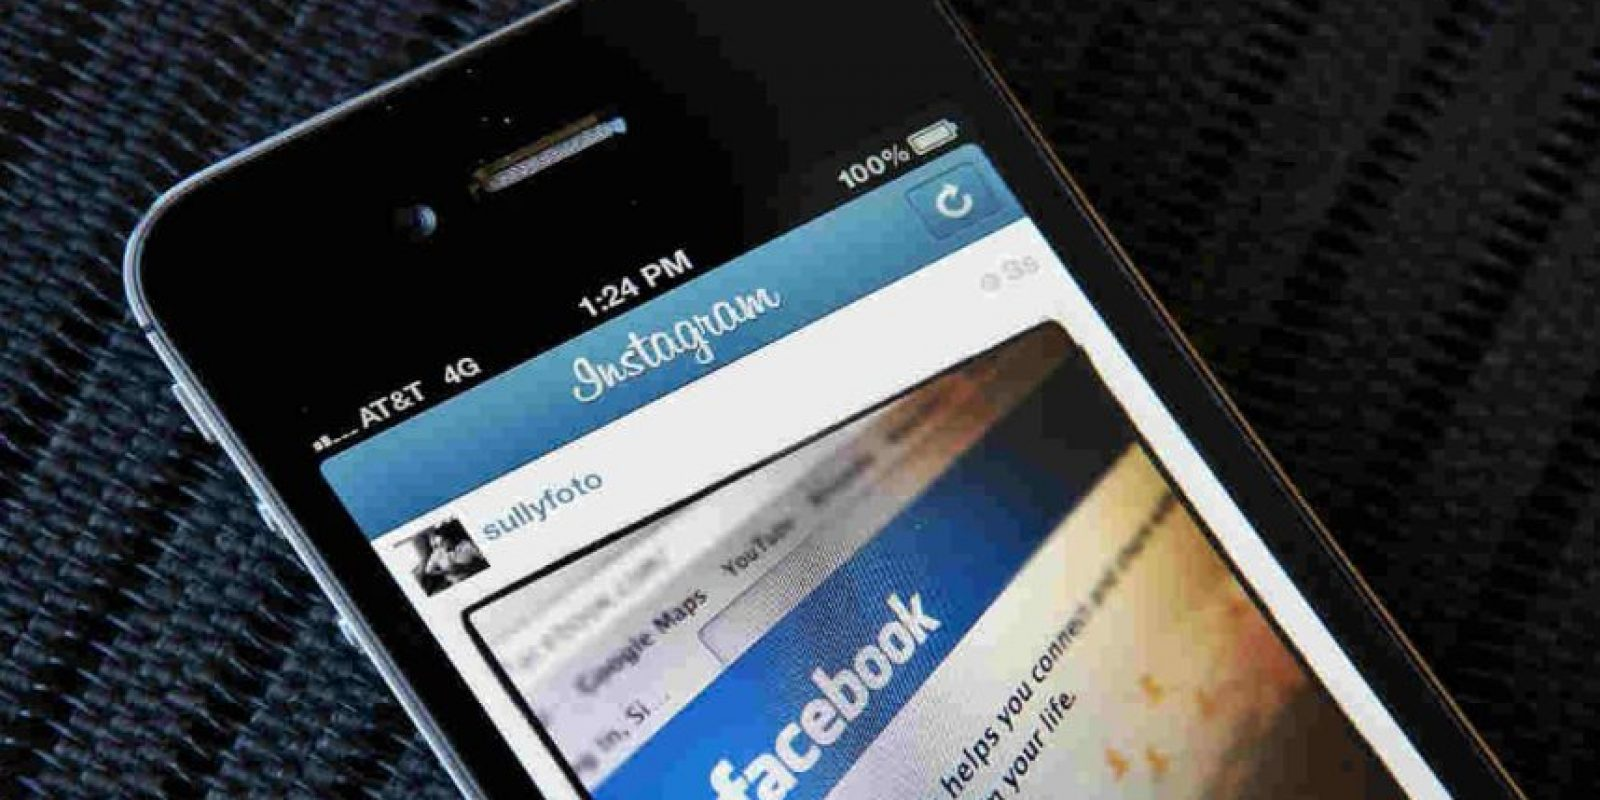 Esta aplicación nos permite subir imágenes para compartirlas con nuestros amigos. Foto:Getty Images